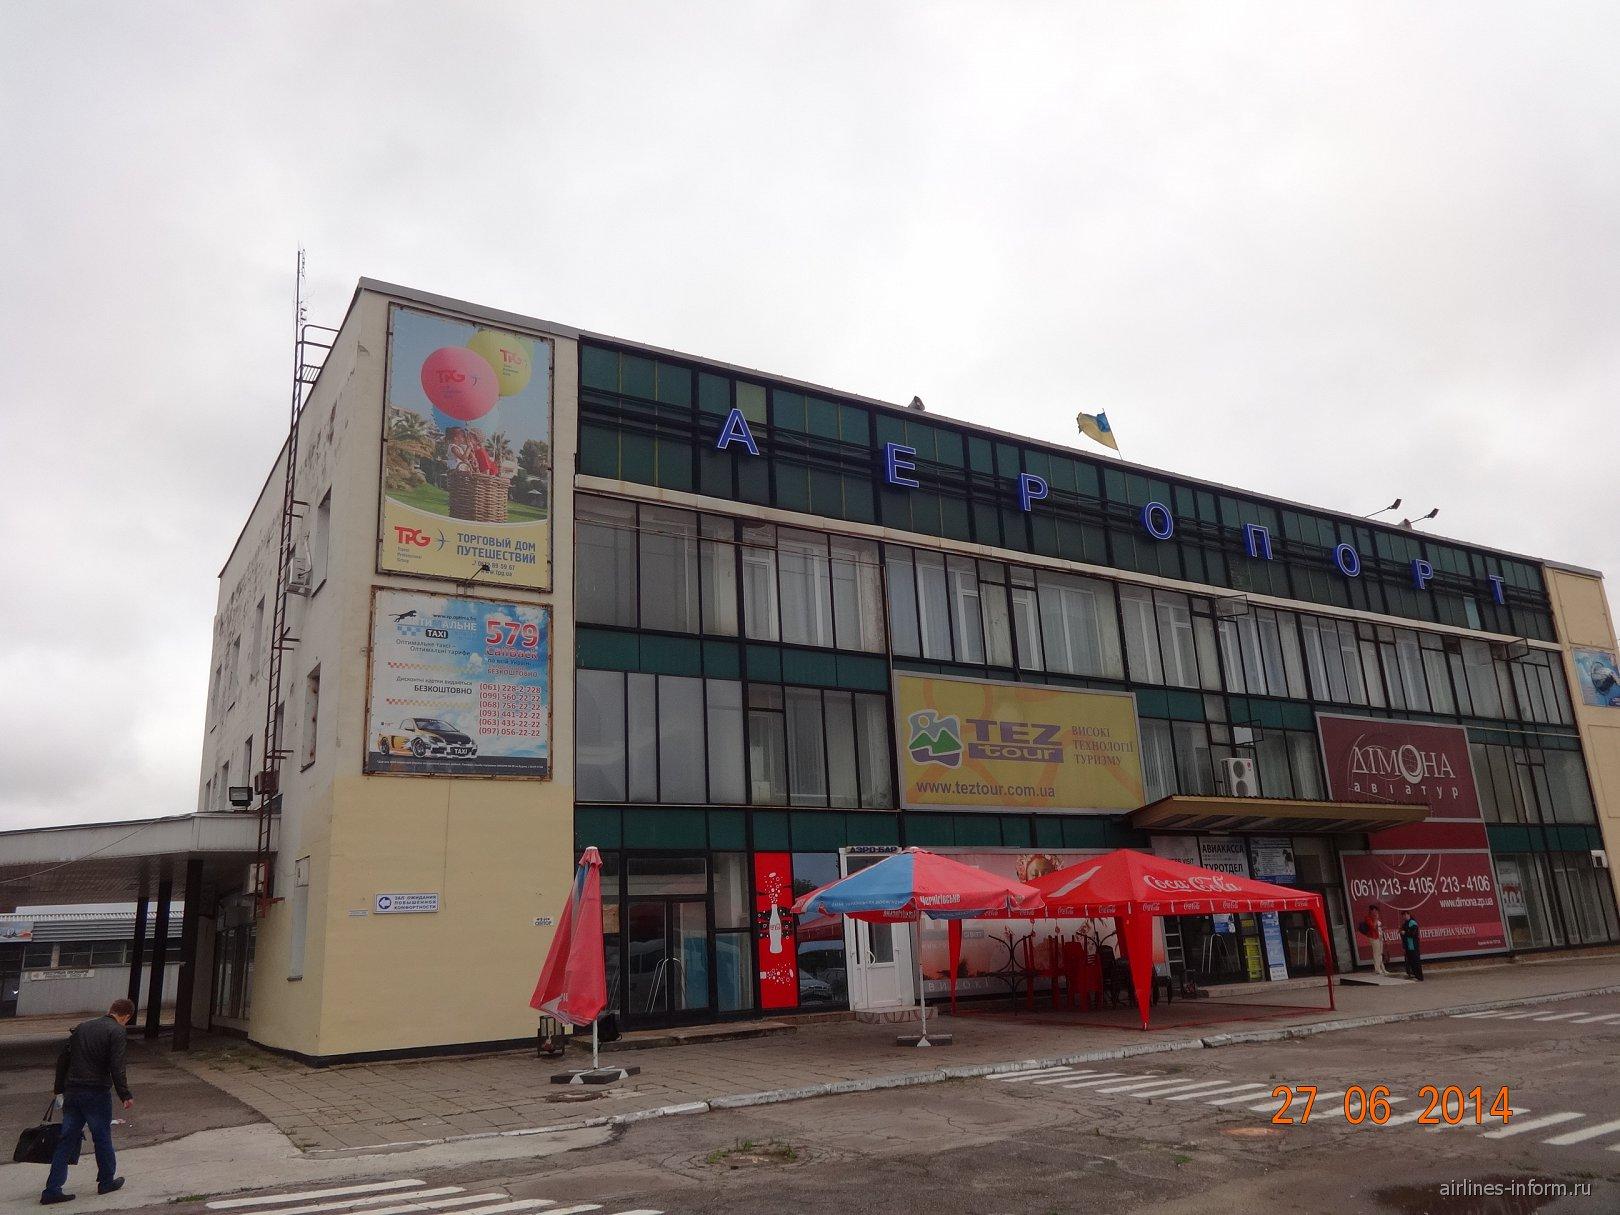 Аэровокзал аэропорта Запорожье